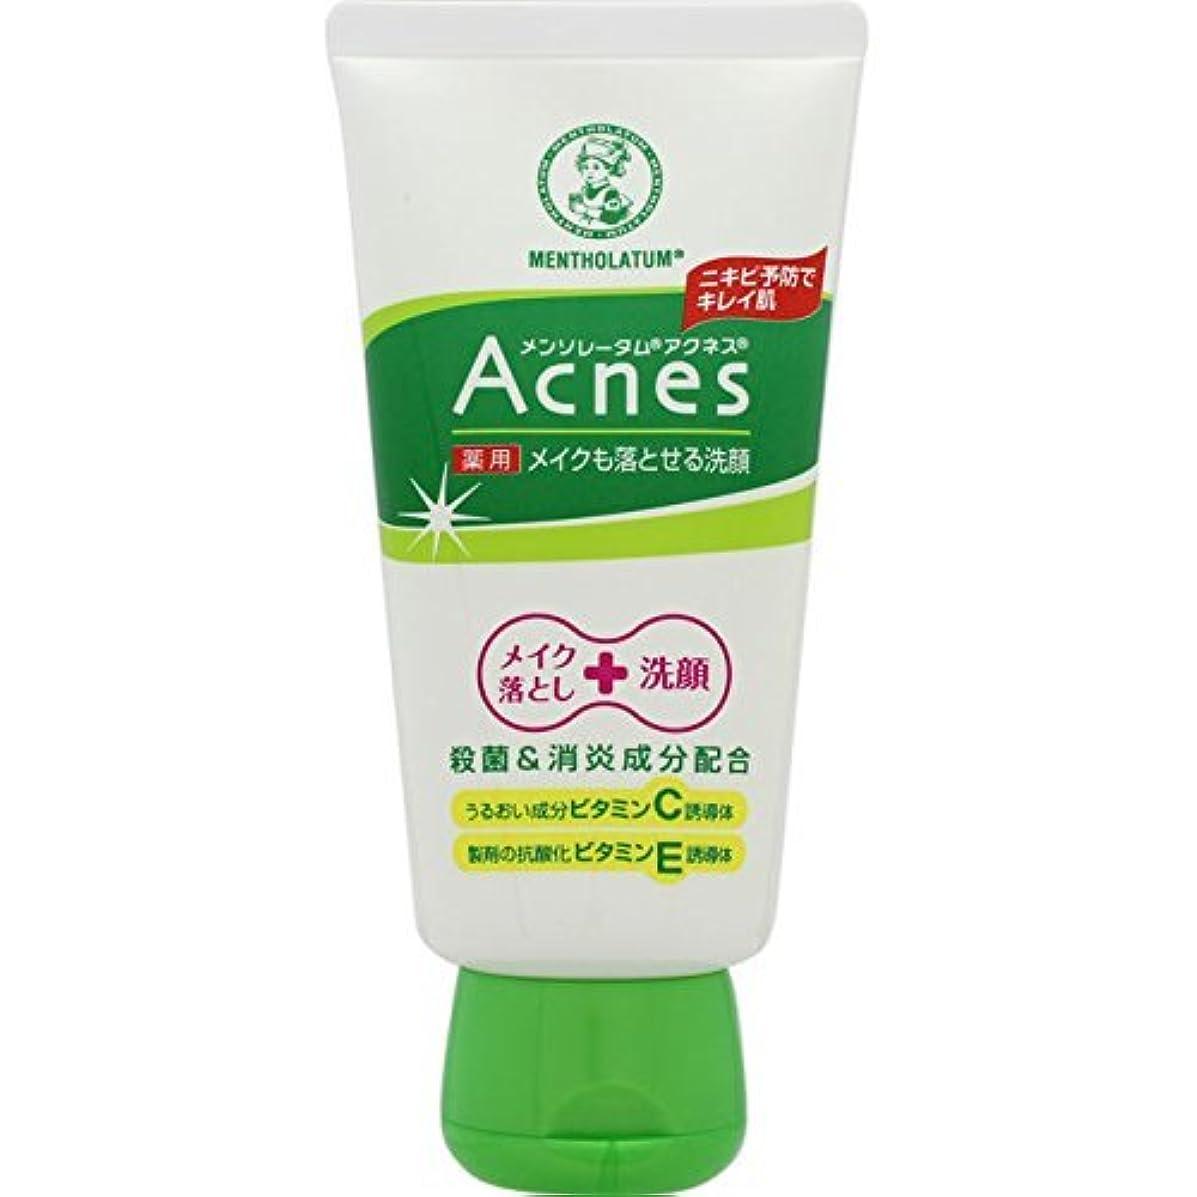 俳優吐く沿ってAcnes(アクネス) 薬用メイクも落とせる洗顔 130g【医薬部外品】